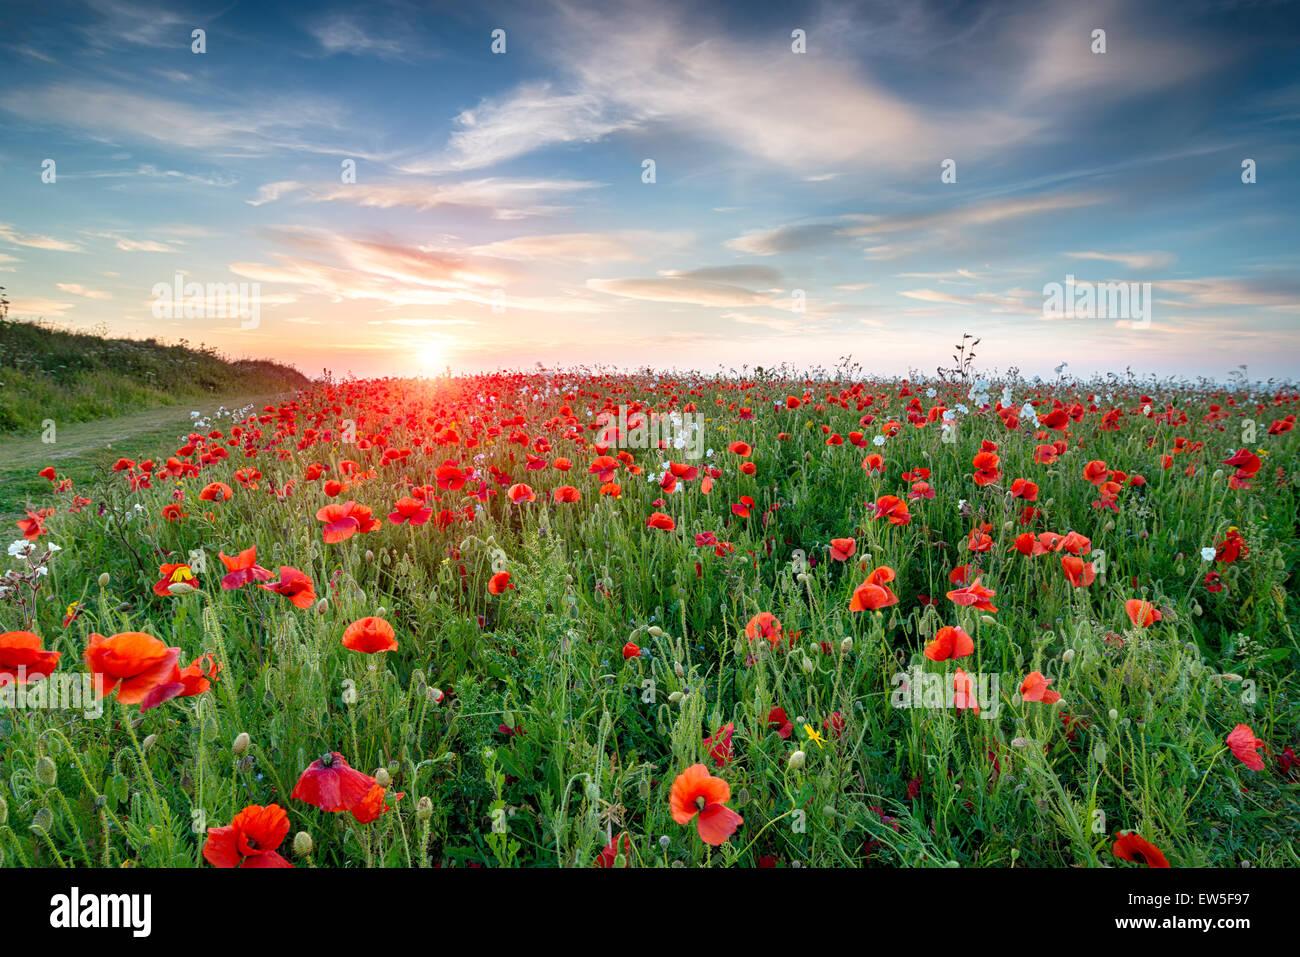 Un campo de flores silvestres y amapolas rojas brillantes en Crantock cerca de Newquay en Cornualles Imagen De Stock